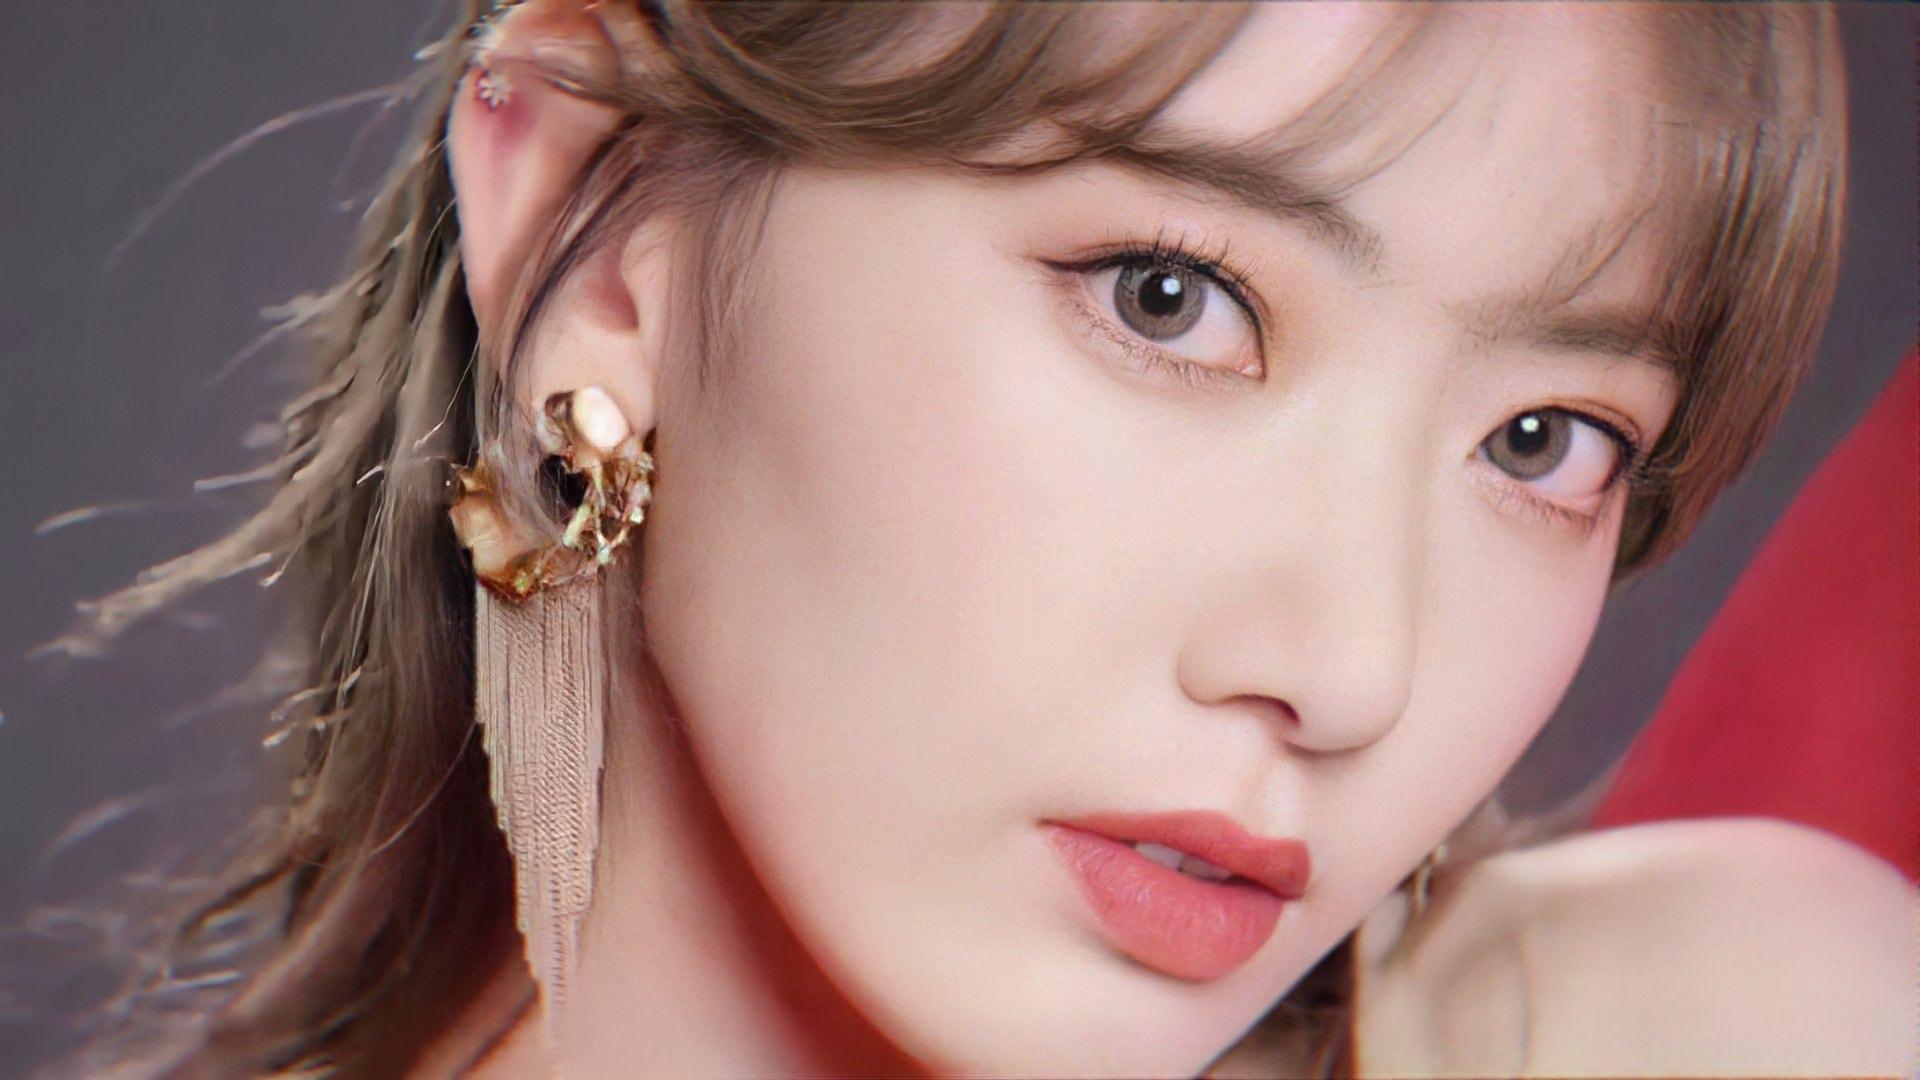 Nhiều người lên tiếng bảo vệ Sakura, cho rằng cô trông kém sắc vì hình ảnh quảng bá cũng bị chỉnh sửa quá đà. Kiểu makeup Trung Quốc cũng chưa thực sự phù hợp với dung mạo của nữ idol nên mới khiến cô kém sắc như vậy.